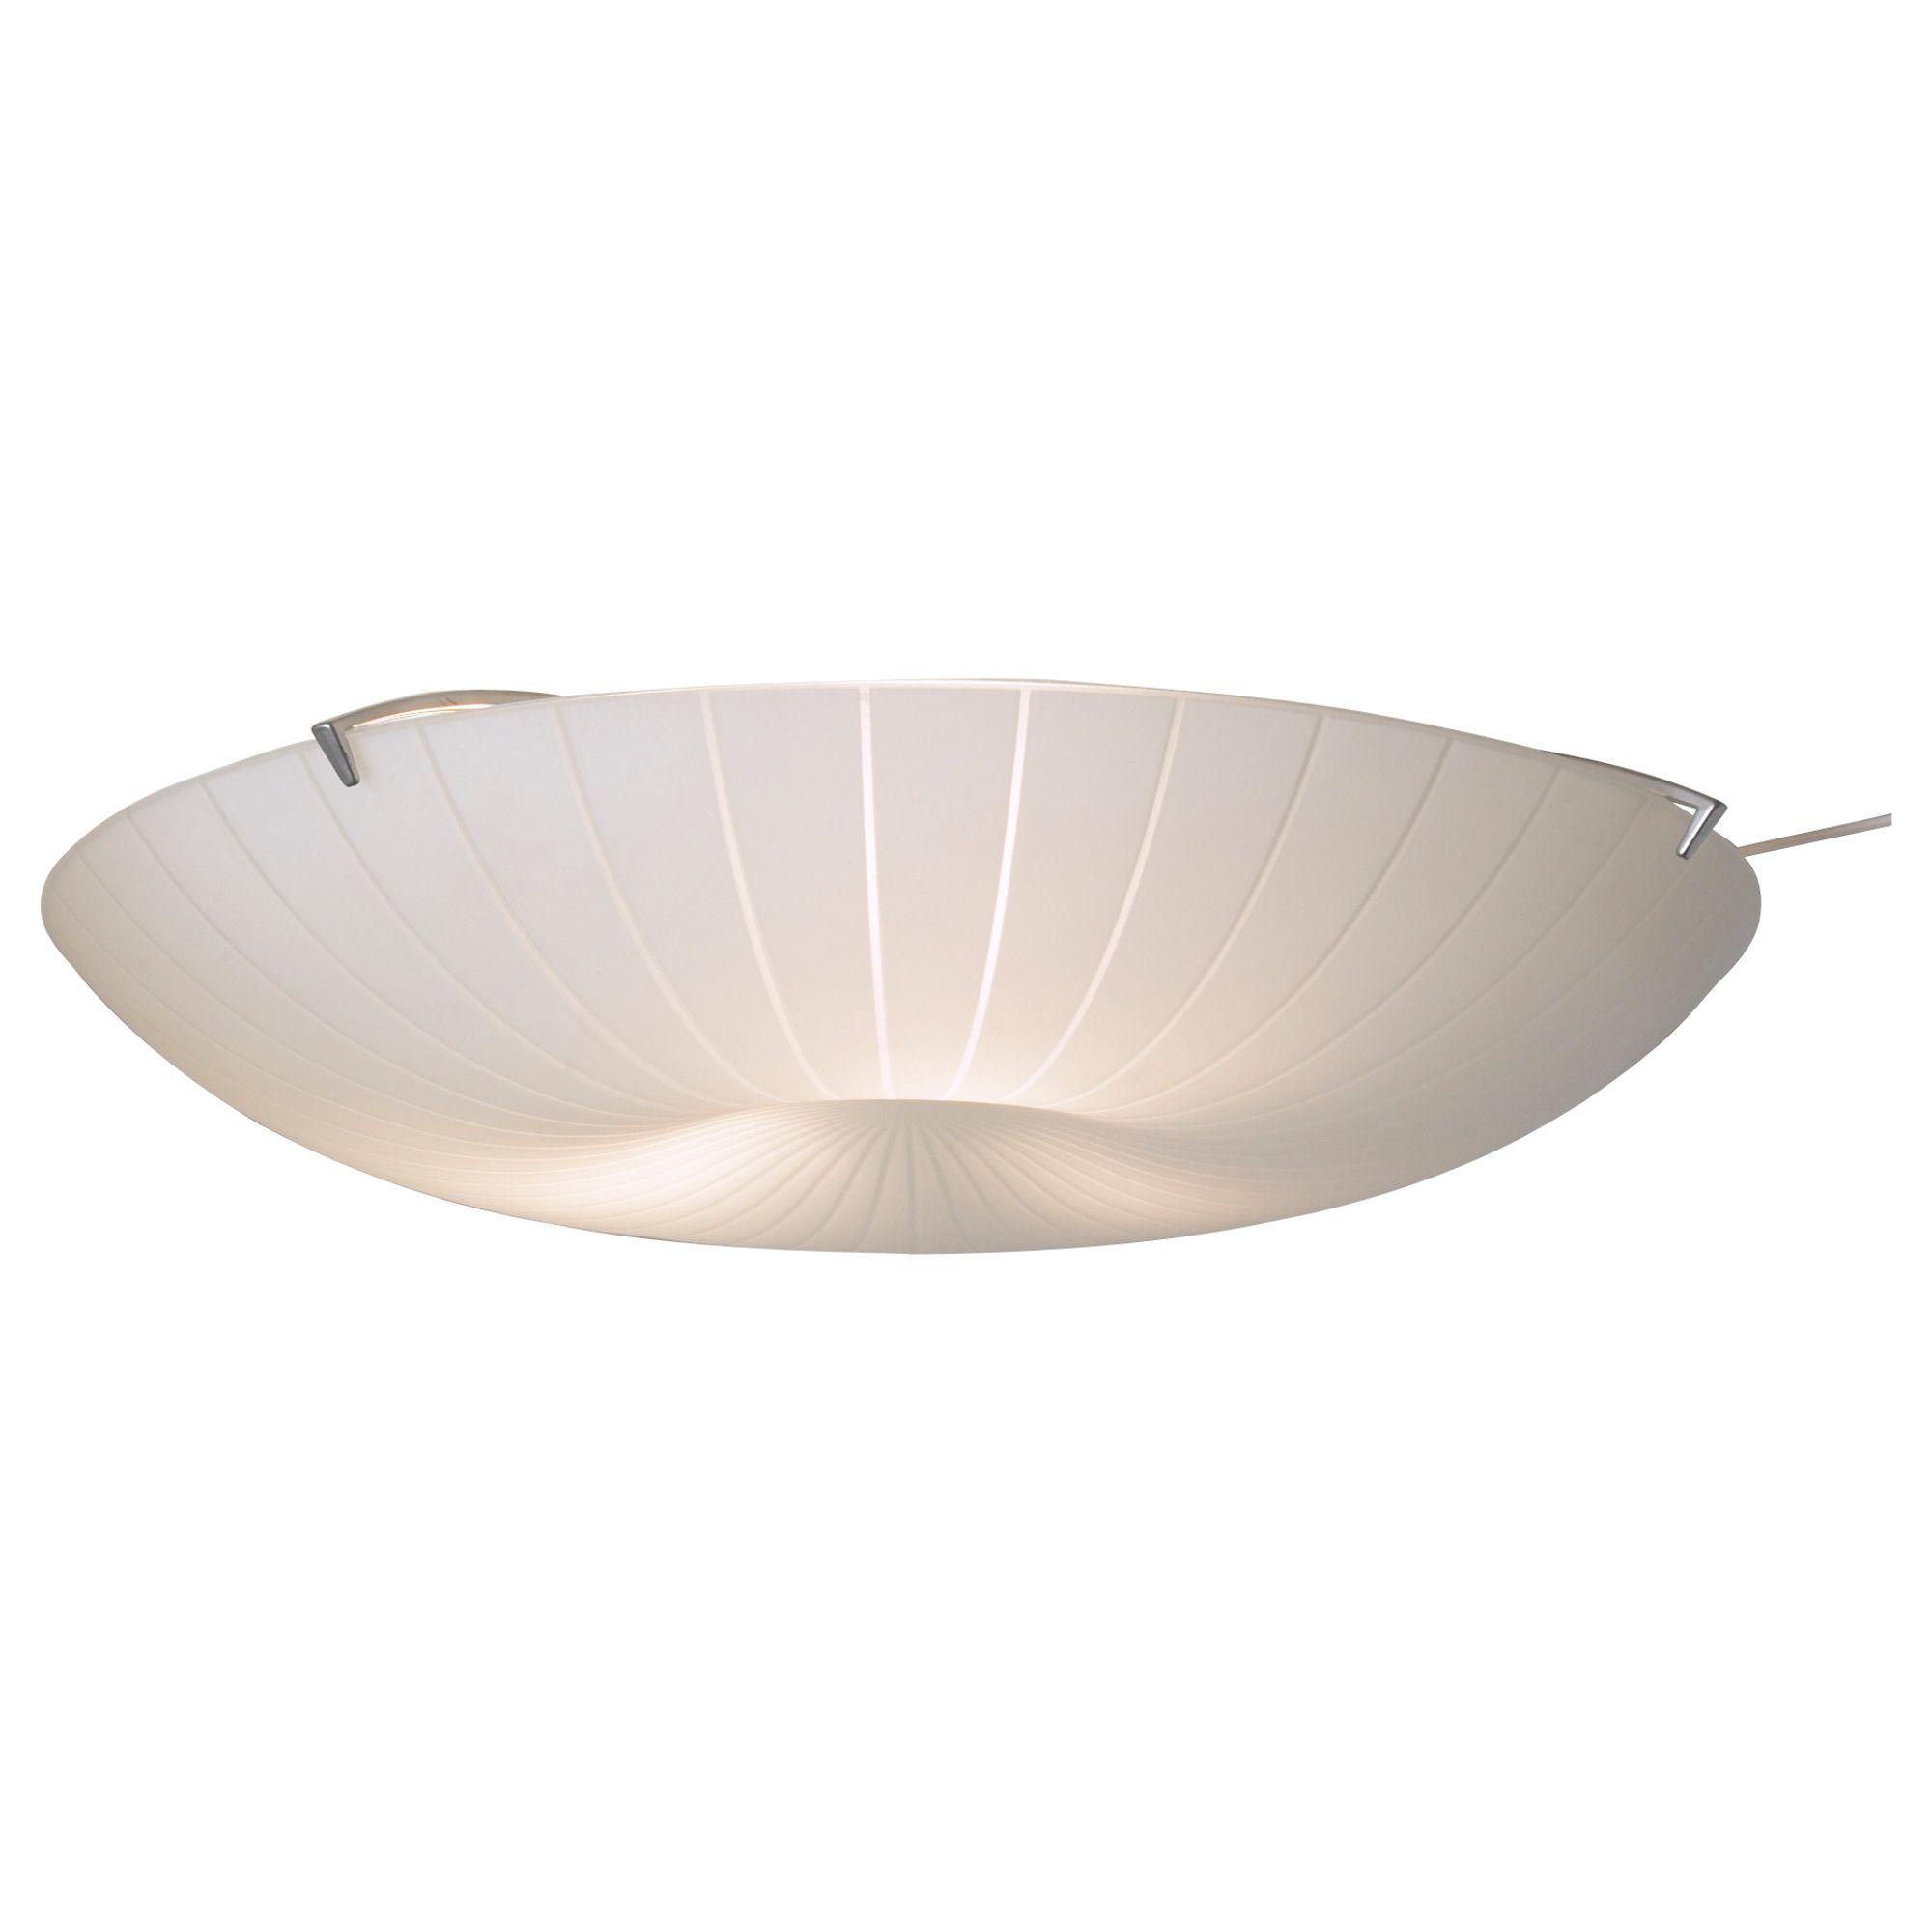 CALYPSO Ceiling lamp